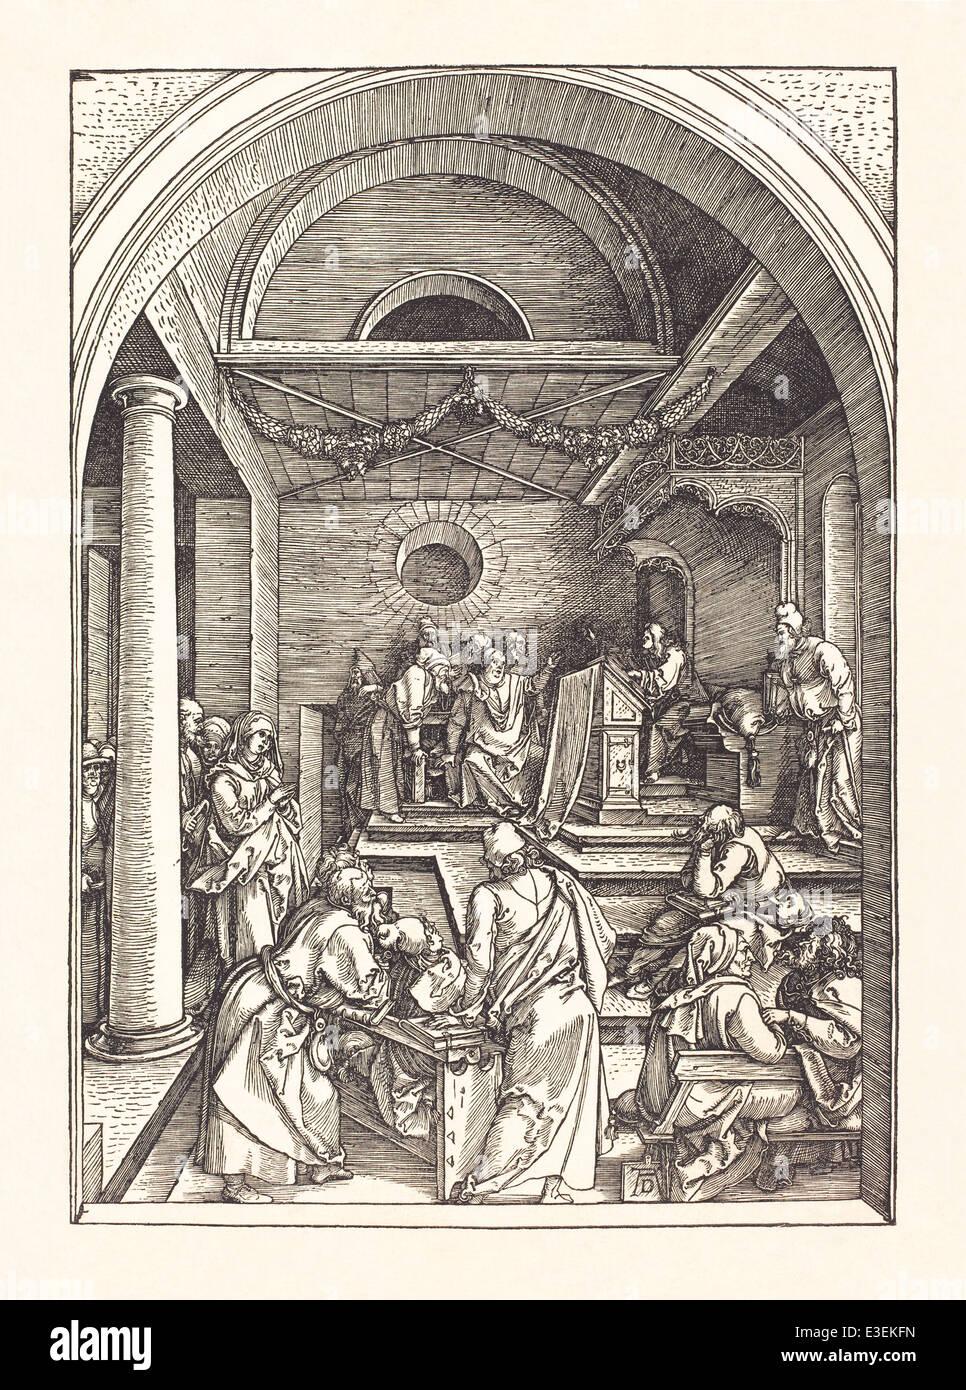 """Albrecht Dürer (1471-1528) xilogravura retratando """"Cristo entre os doutores do Templo"""" publicado Imagens de Stock"""